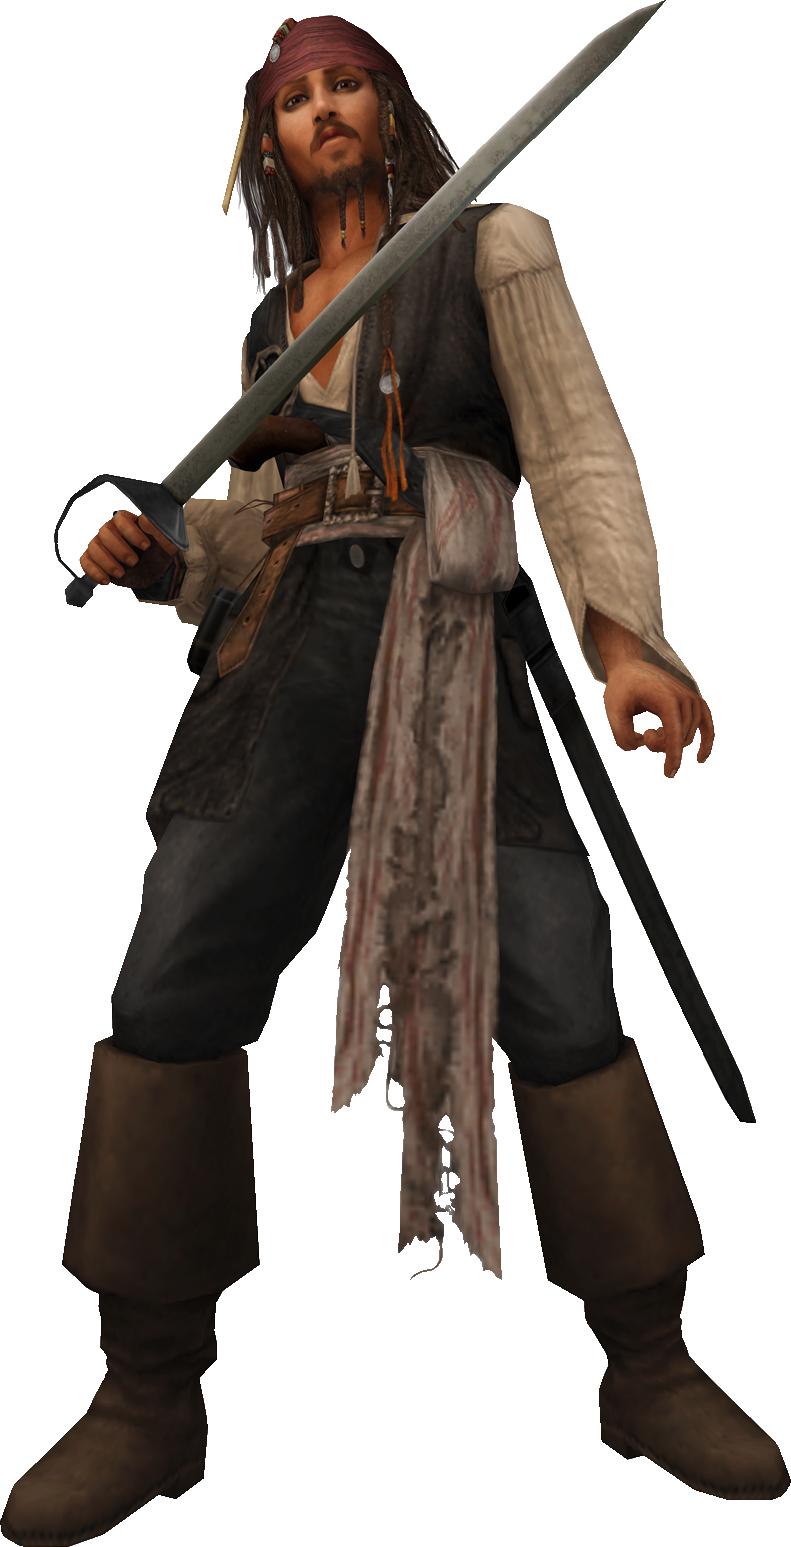 Jack Sparrow KHII.png  sc 1 st  Disney Wiki - Fandom & Image - Jack Sparrow KHII.png | Disney Wiki | FANDOM powered by Wikia